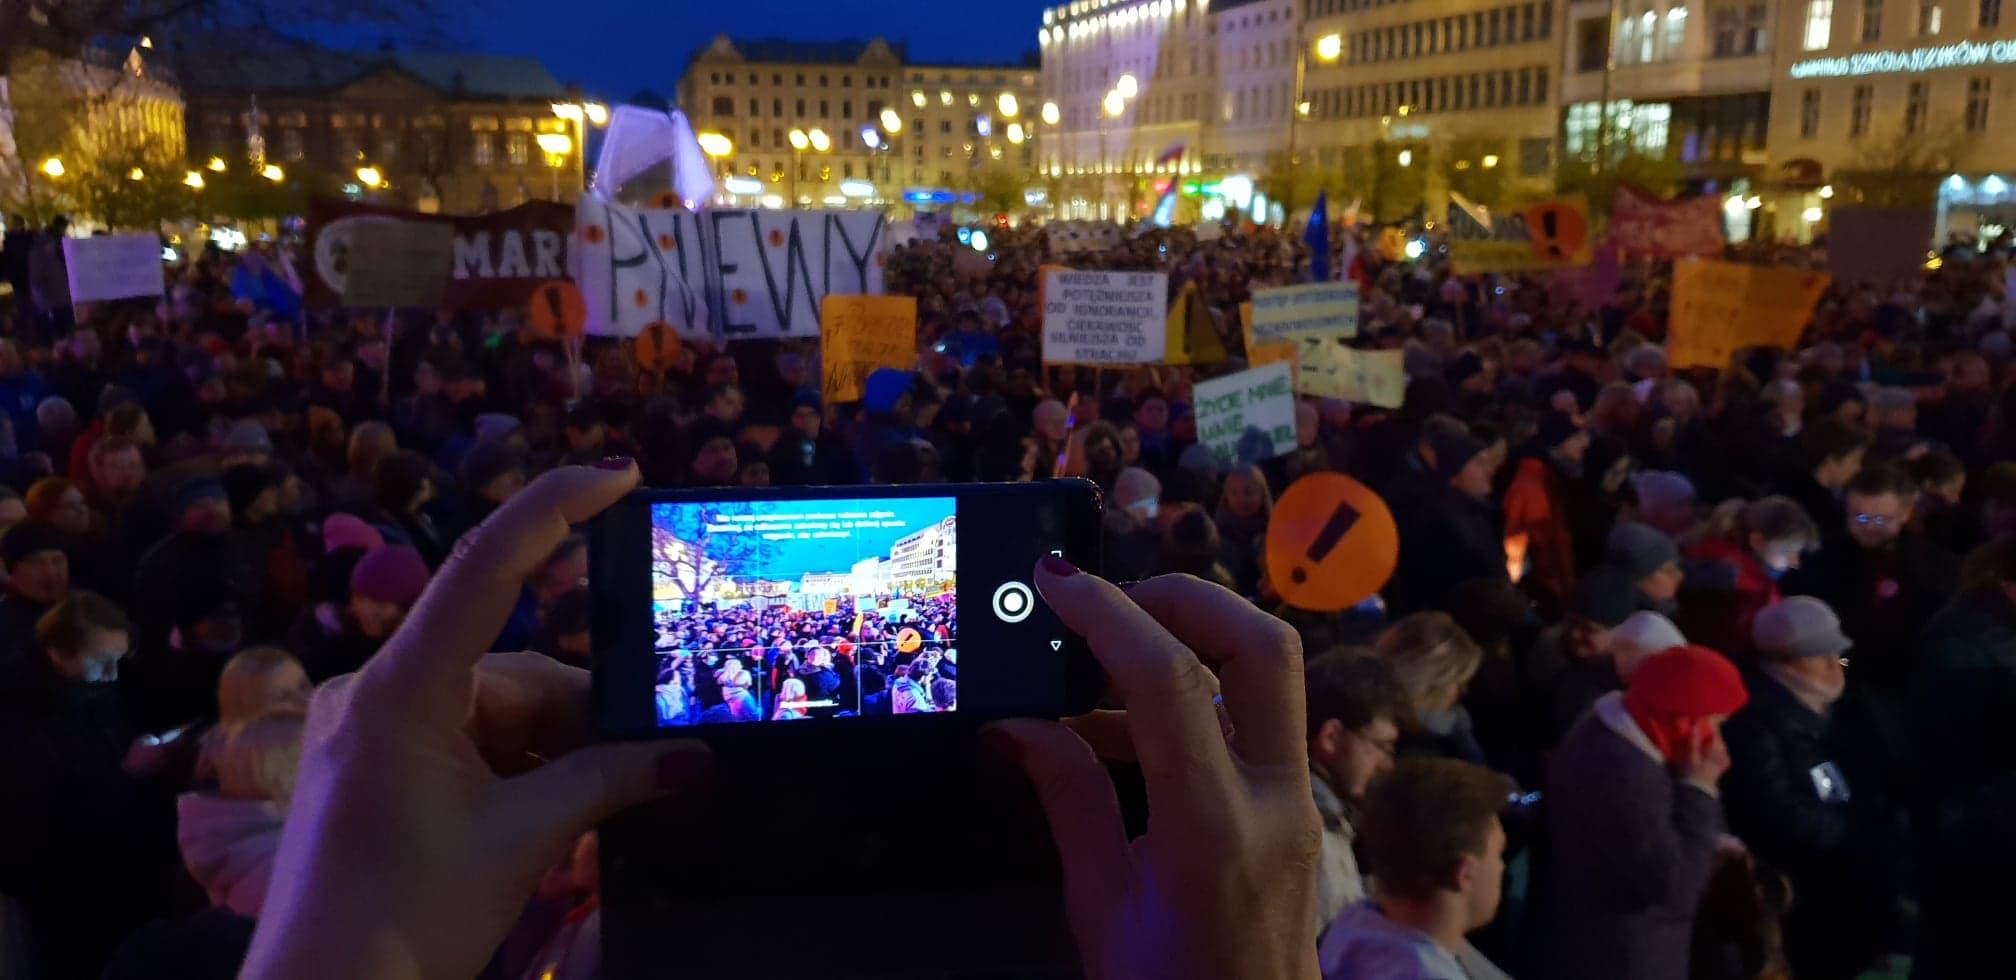 wsparcie strajkujących nauczycieli plac wolności - Michał Jędrkowiak